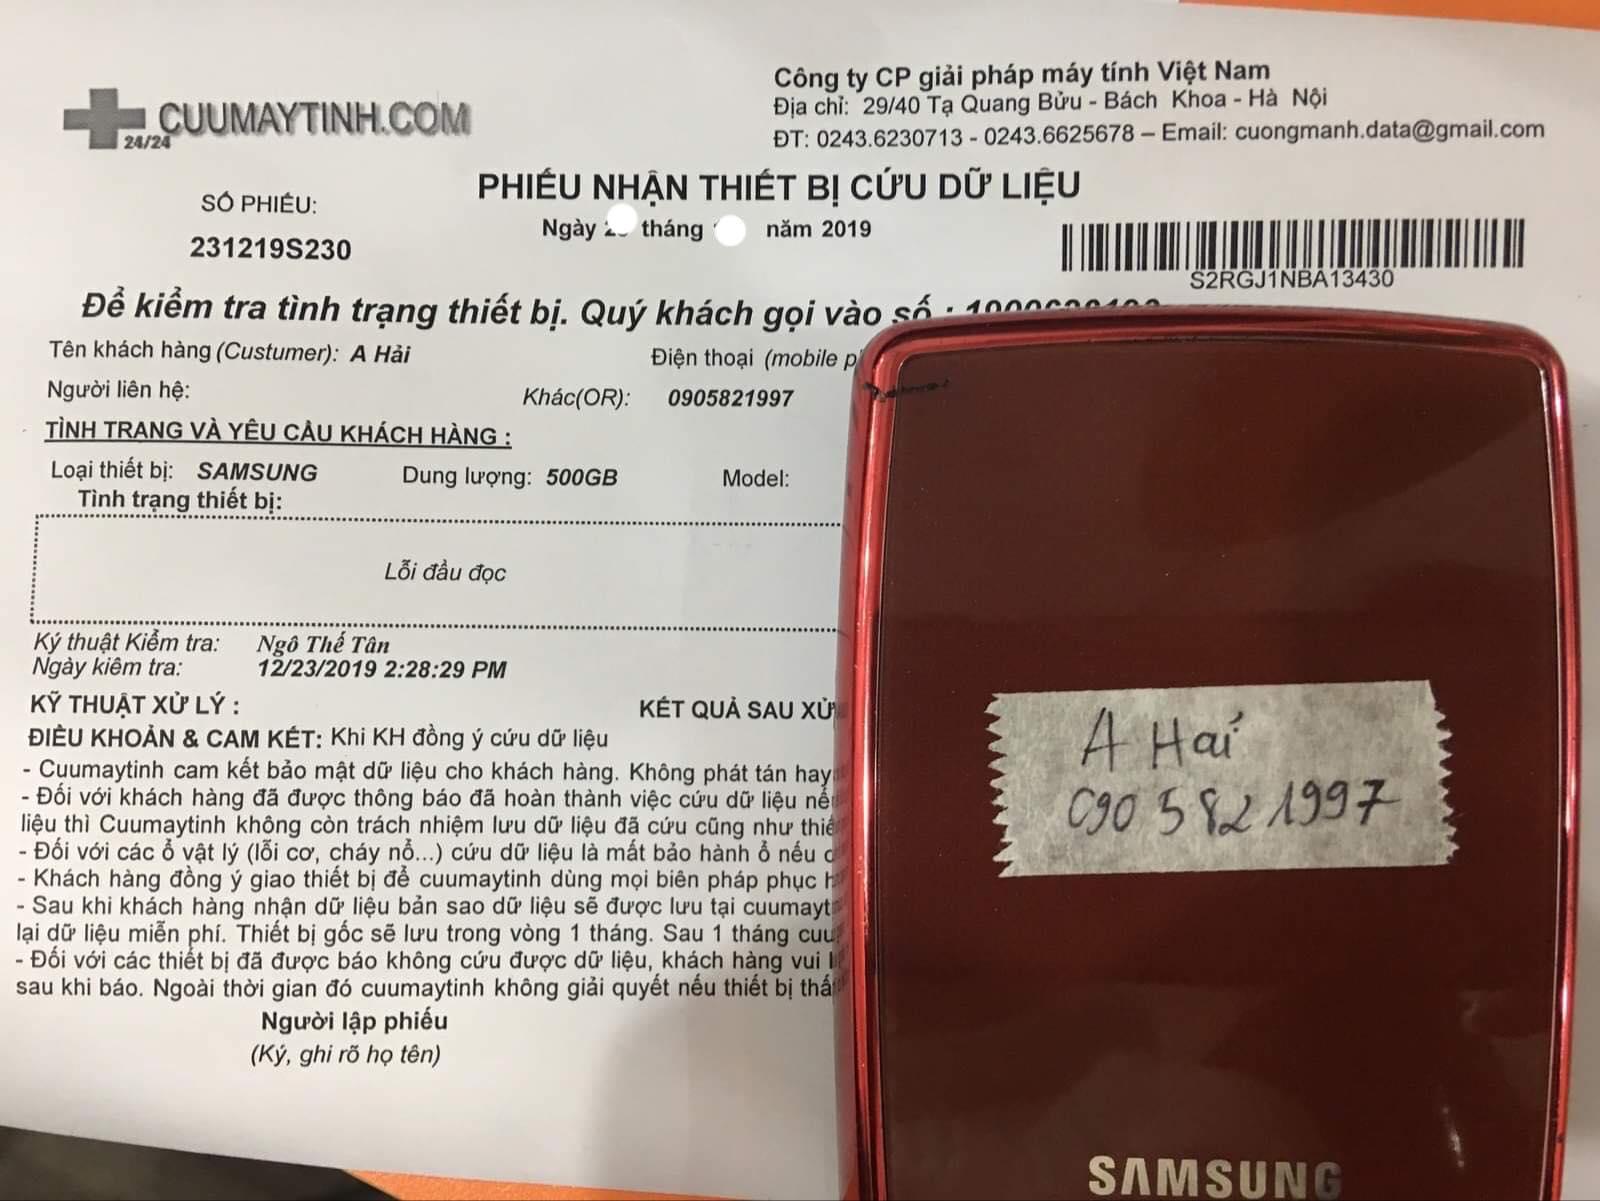 Cứu dữ liệu ổ cứng Samsung 500GB lỗi đầu đọc 02/01/2020 - cuumaytinh